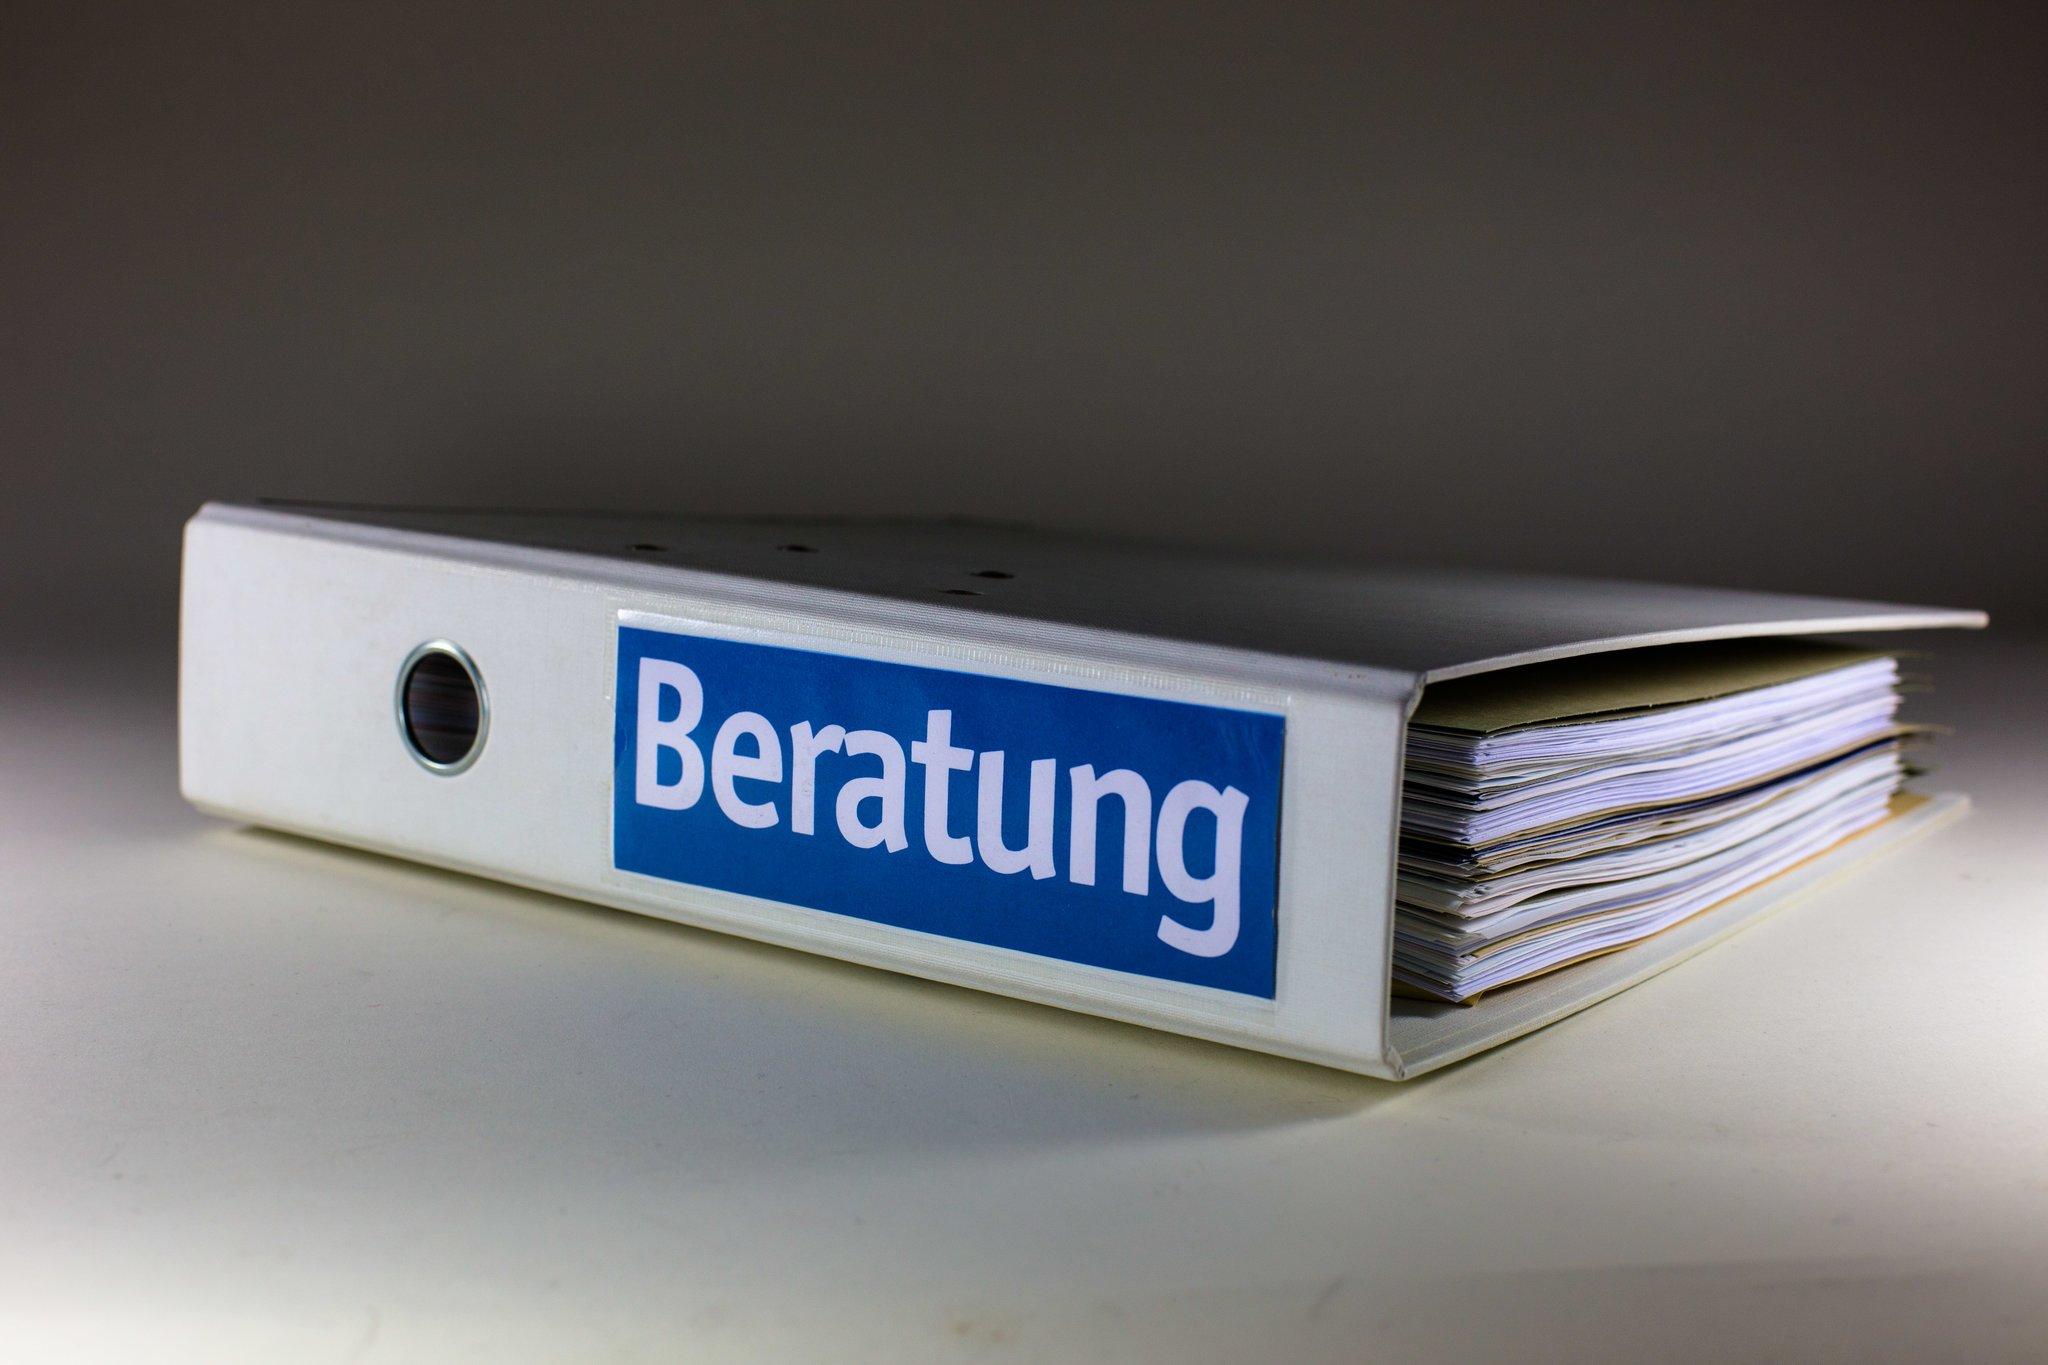 Austausch in lockerer Runde: Datteln: Erstes Dattelner Pflegeforum - Datteln - Lokalkompass.de